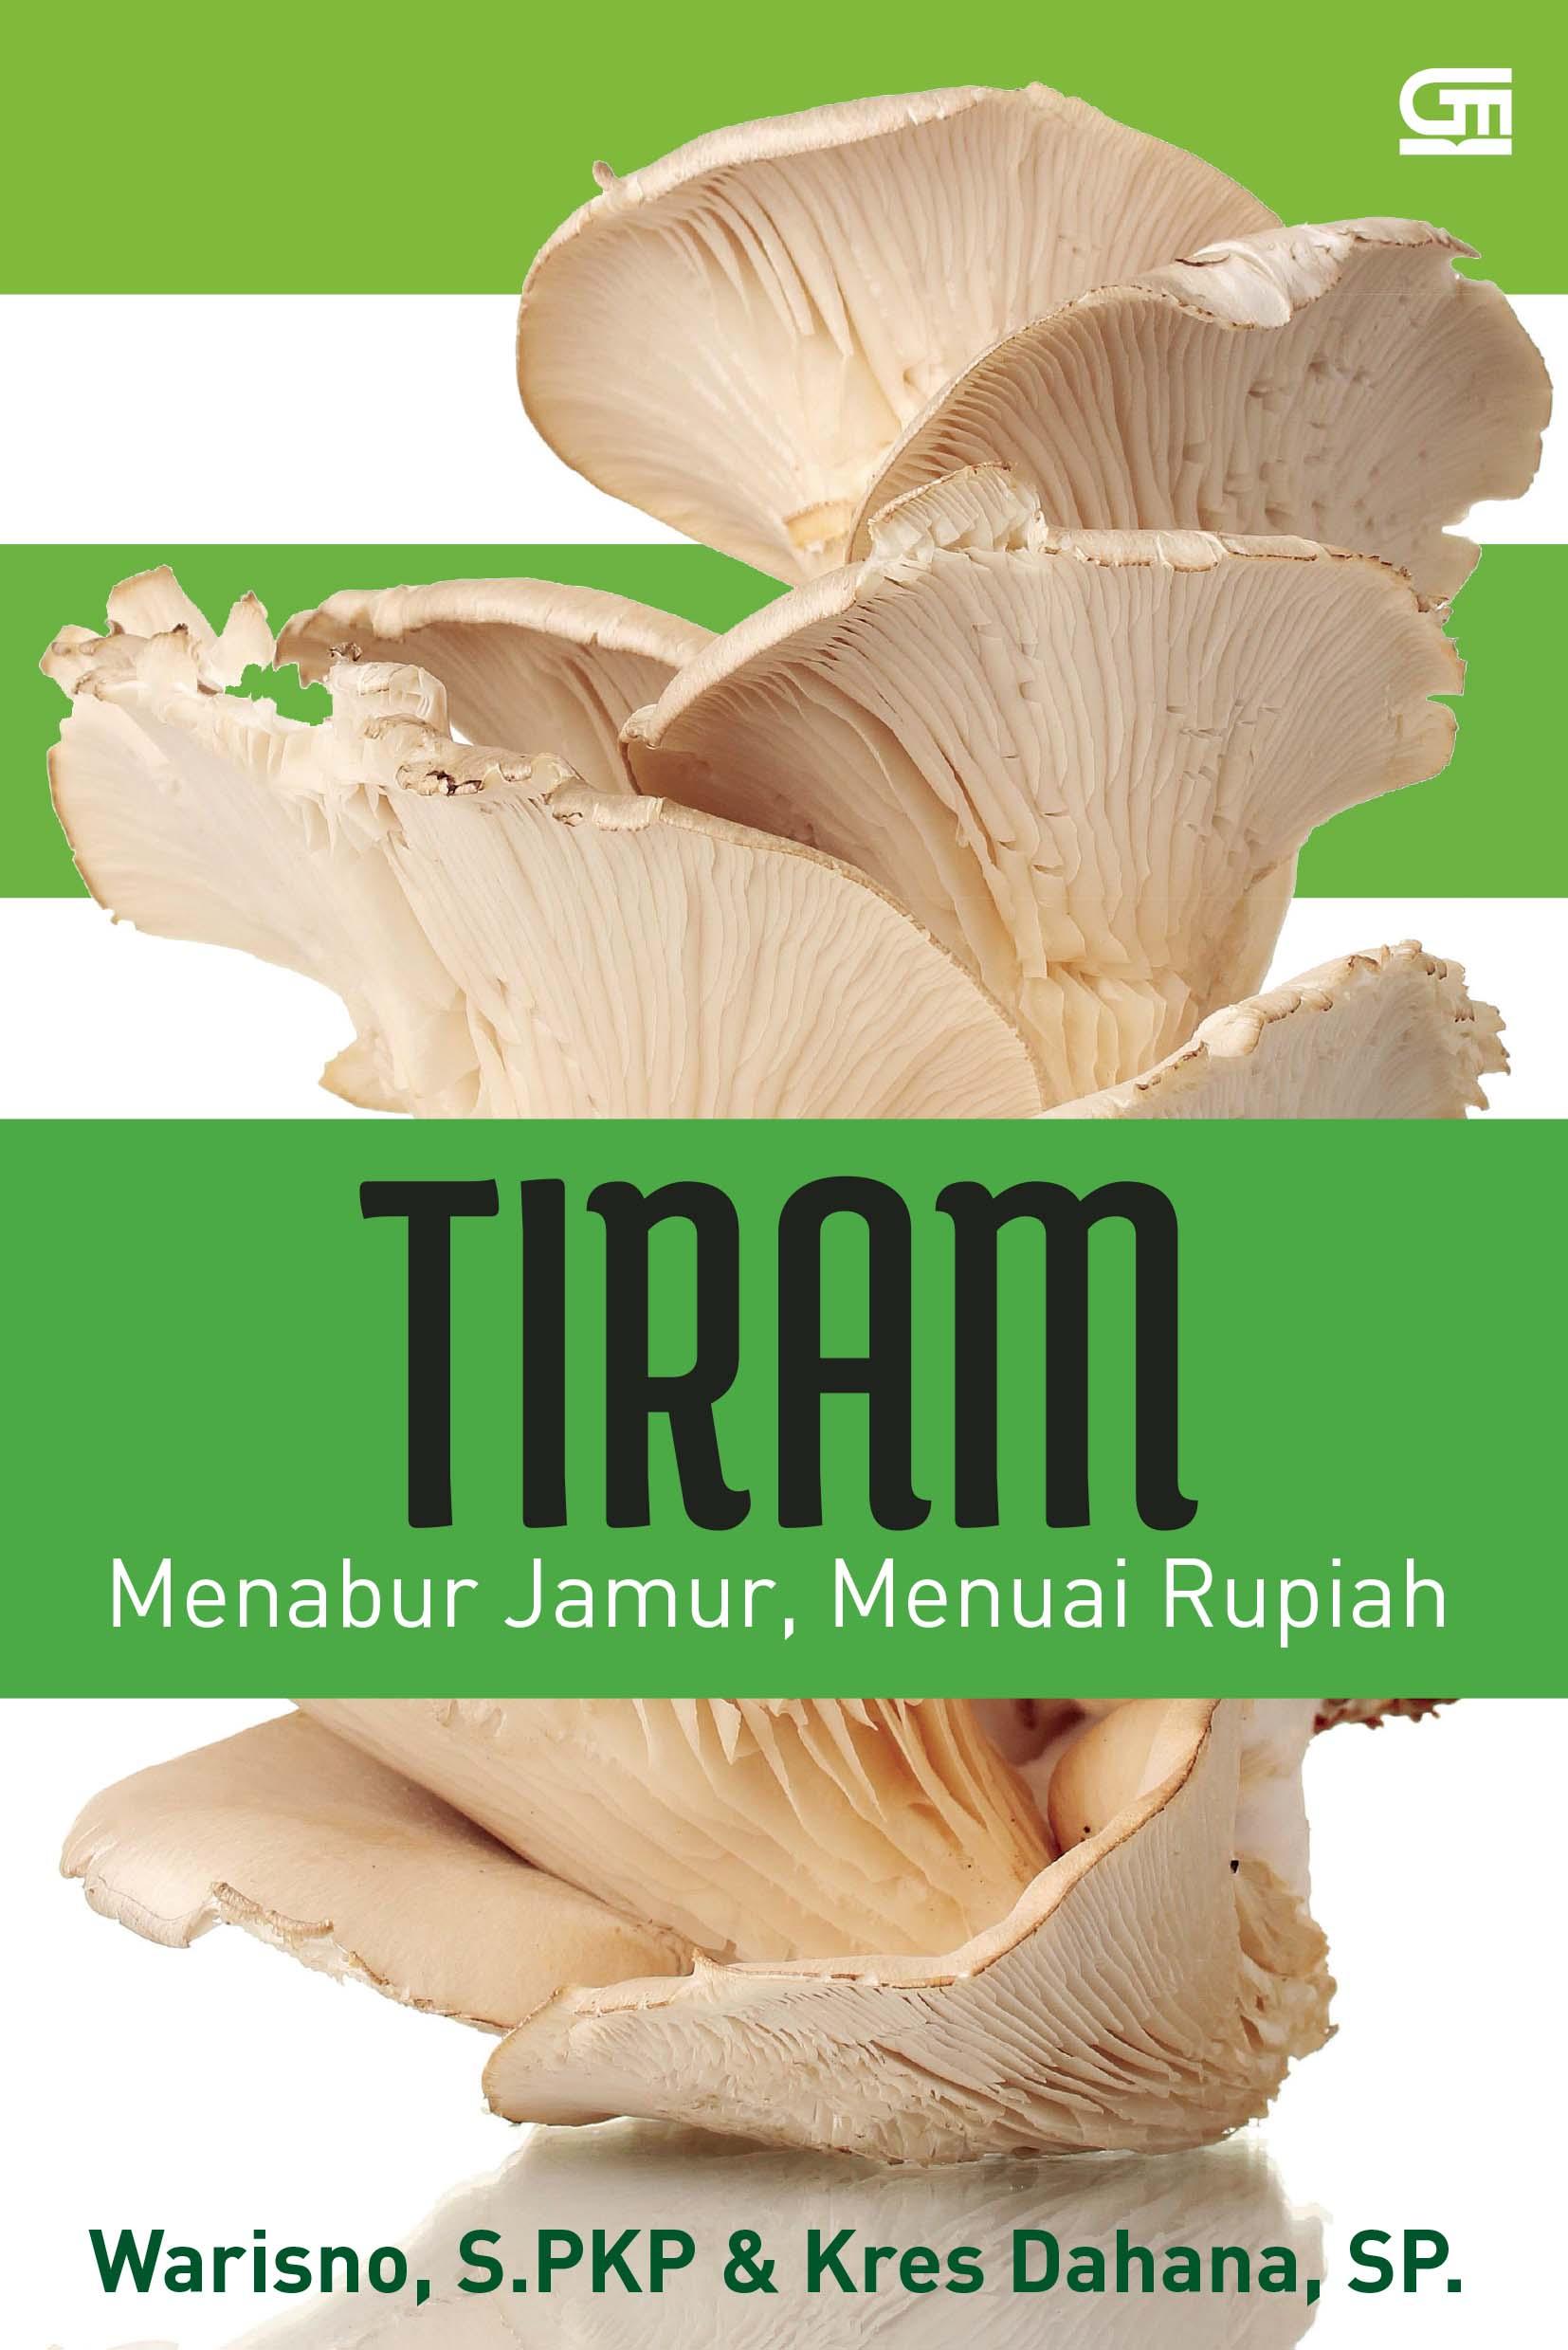 TIRAM: Menabur Jamur, Menuai Rupiah (Ed. Revisi)